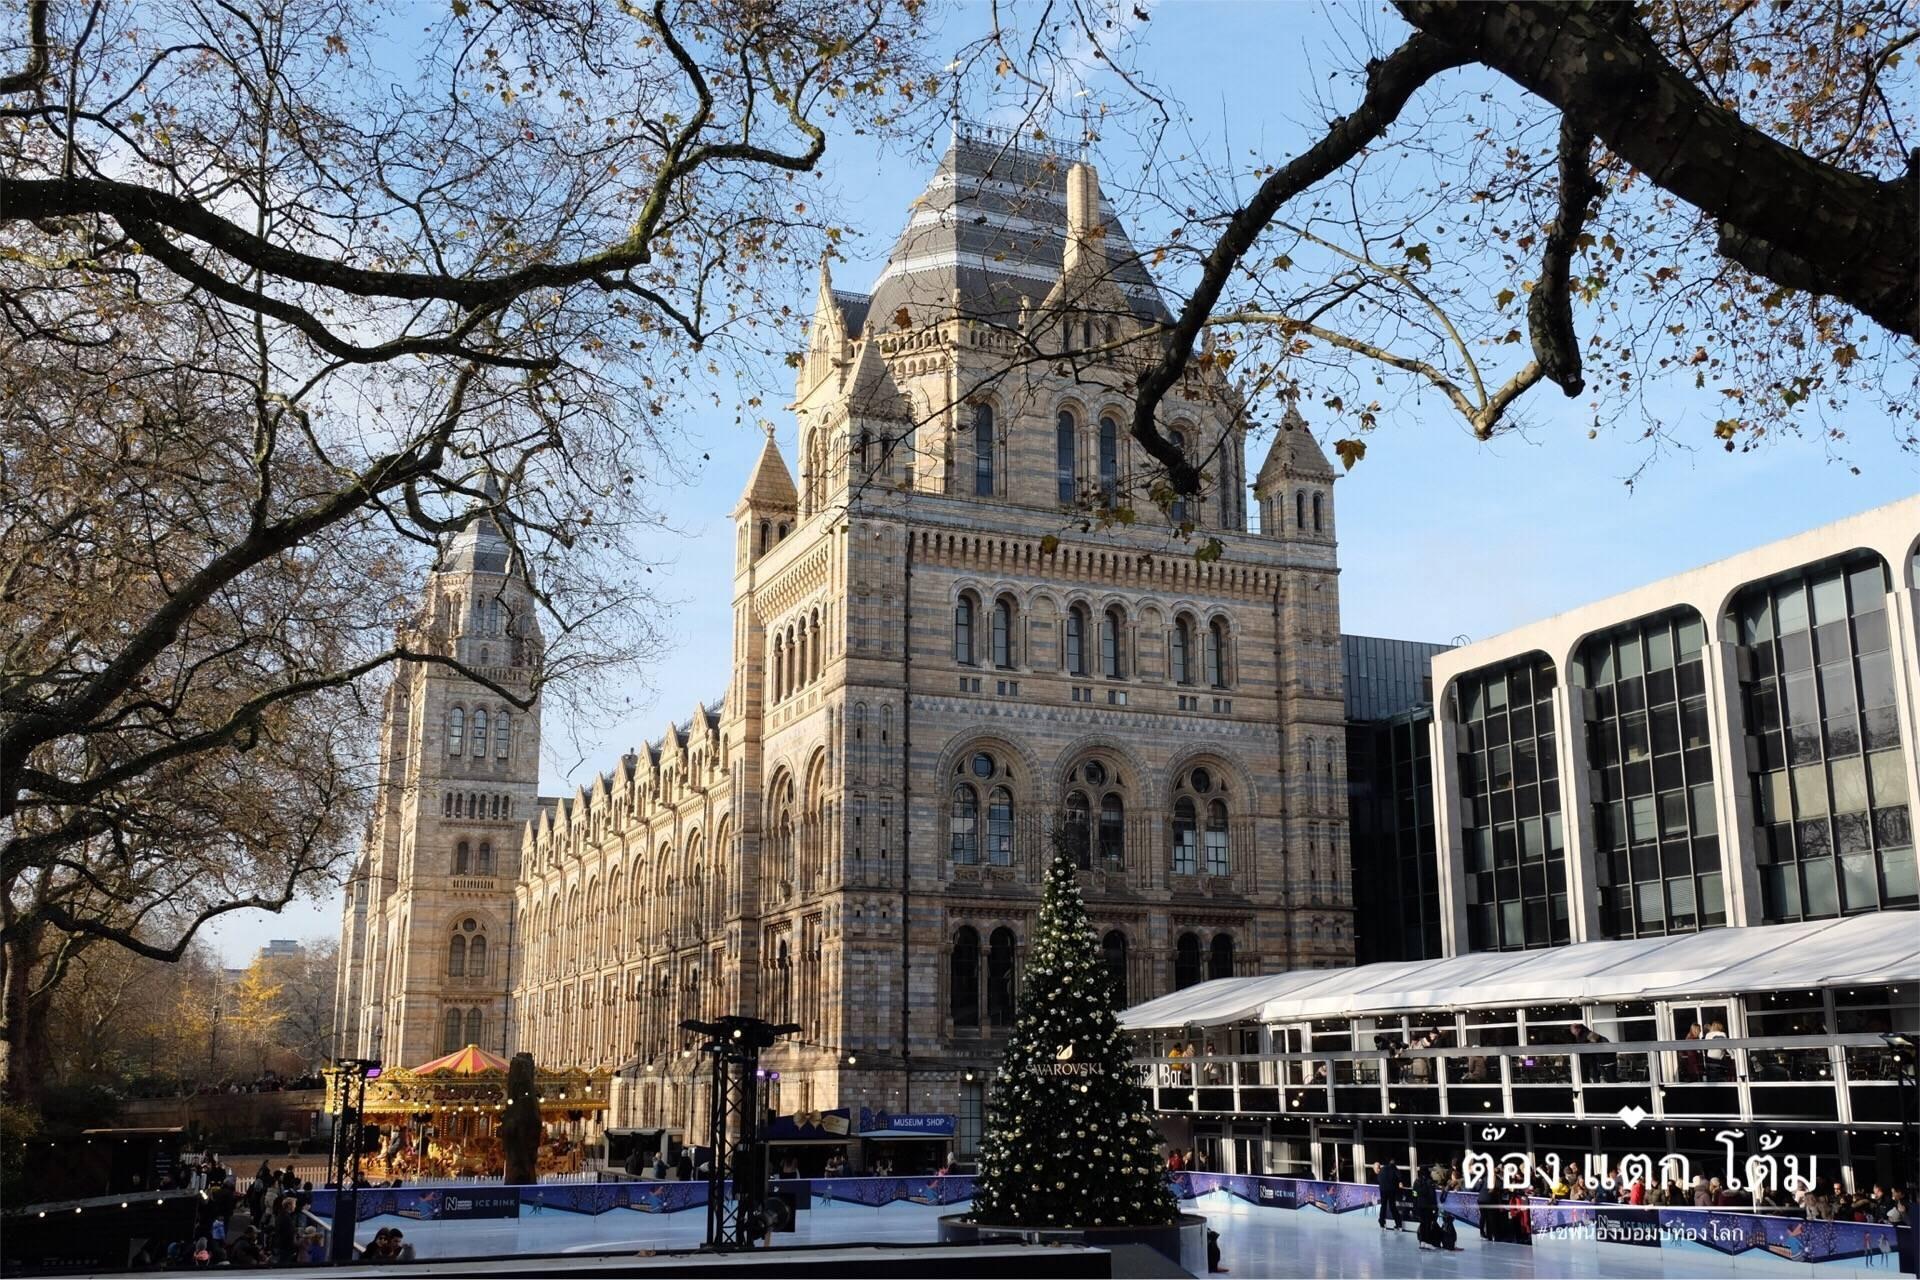 ด้านข้างพิพิธภัณฑ์เมื่อเดินขึ้นมาจาก Tube สถานี South Kensington